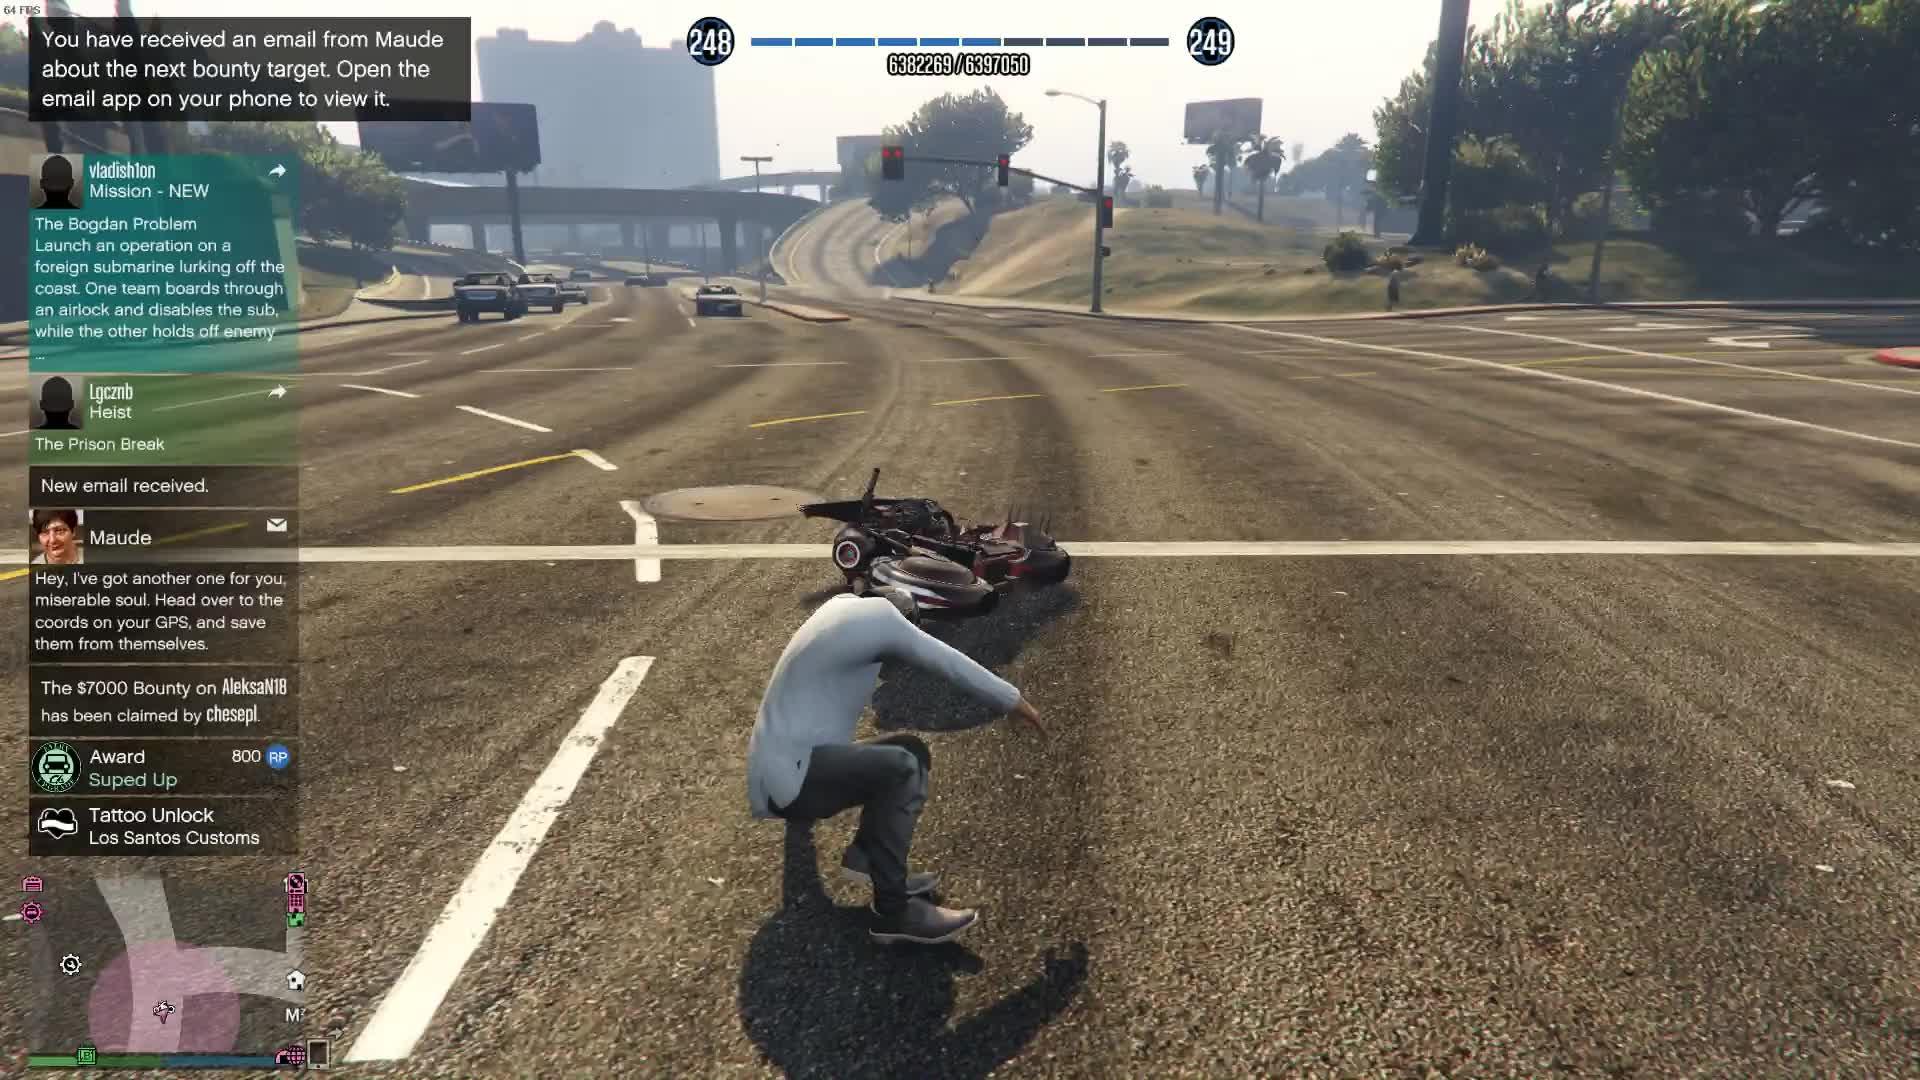 Bike, Deathbike, Gta, Gta online, Like a dog chasing his tail GIFs